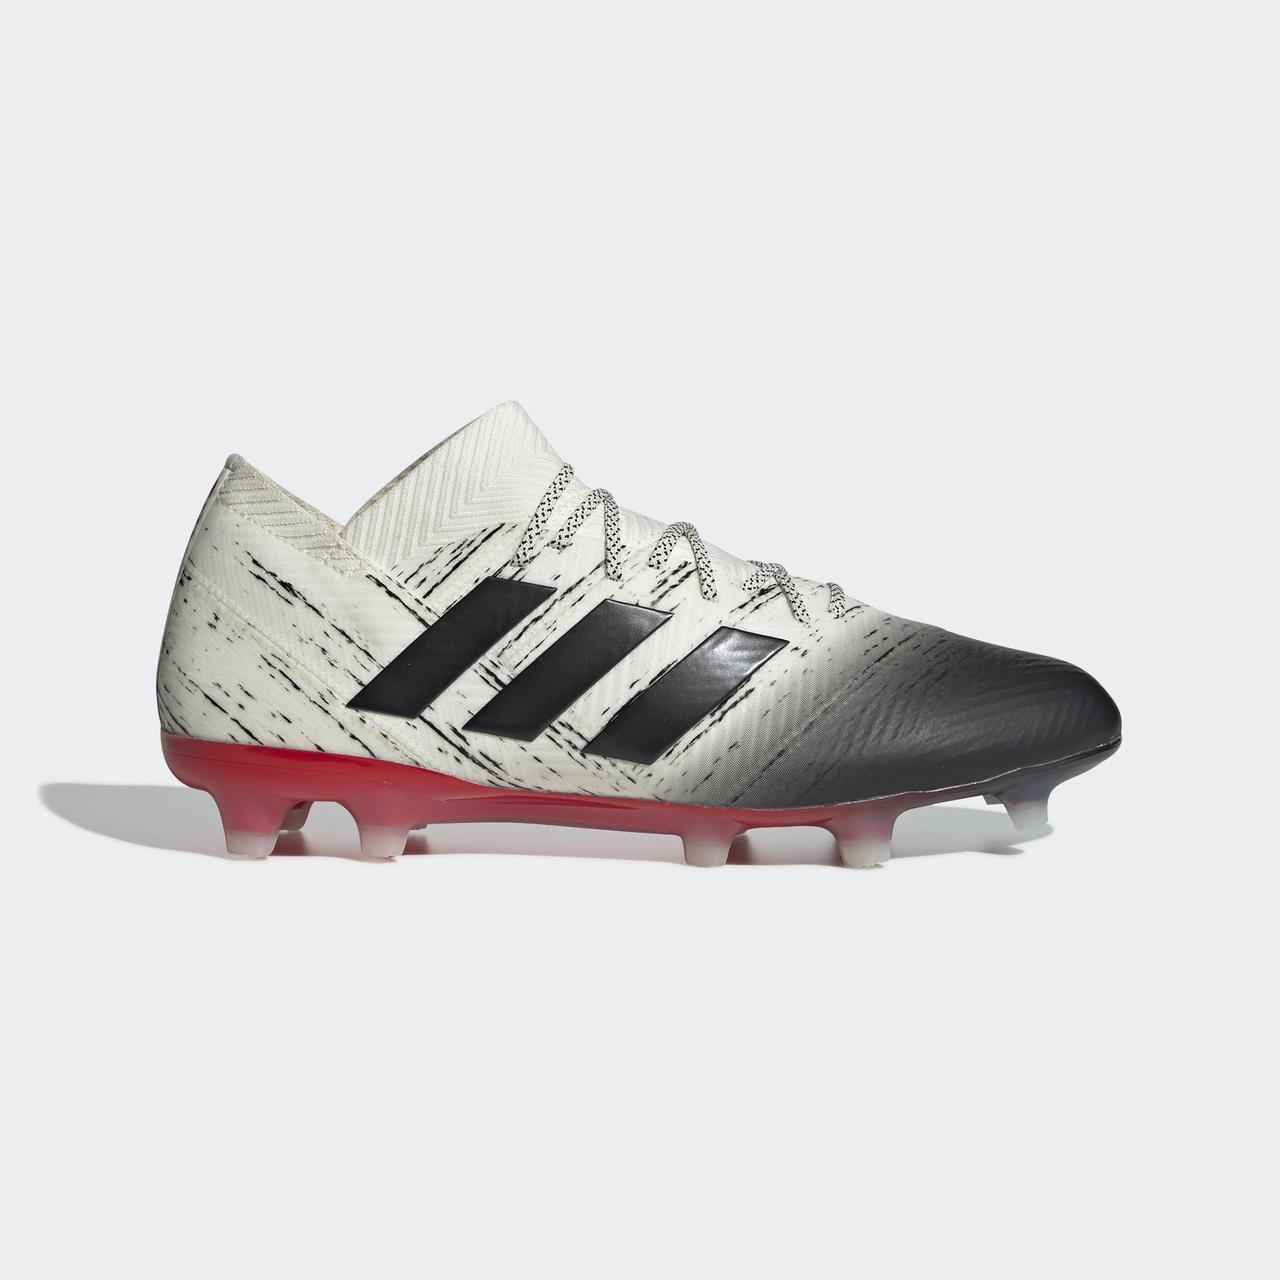 edbe0b4e Футбольные бутсы Adidas Nemeziz 18.1 FG BB9425 - 2019: продажа, цена ...